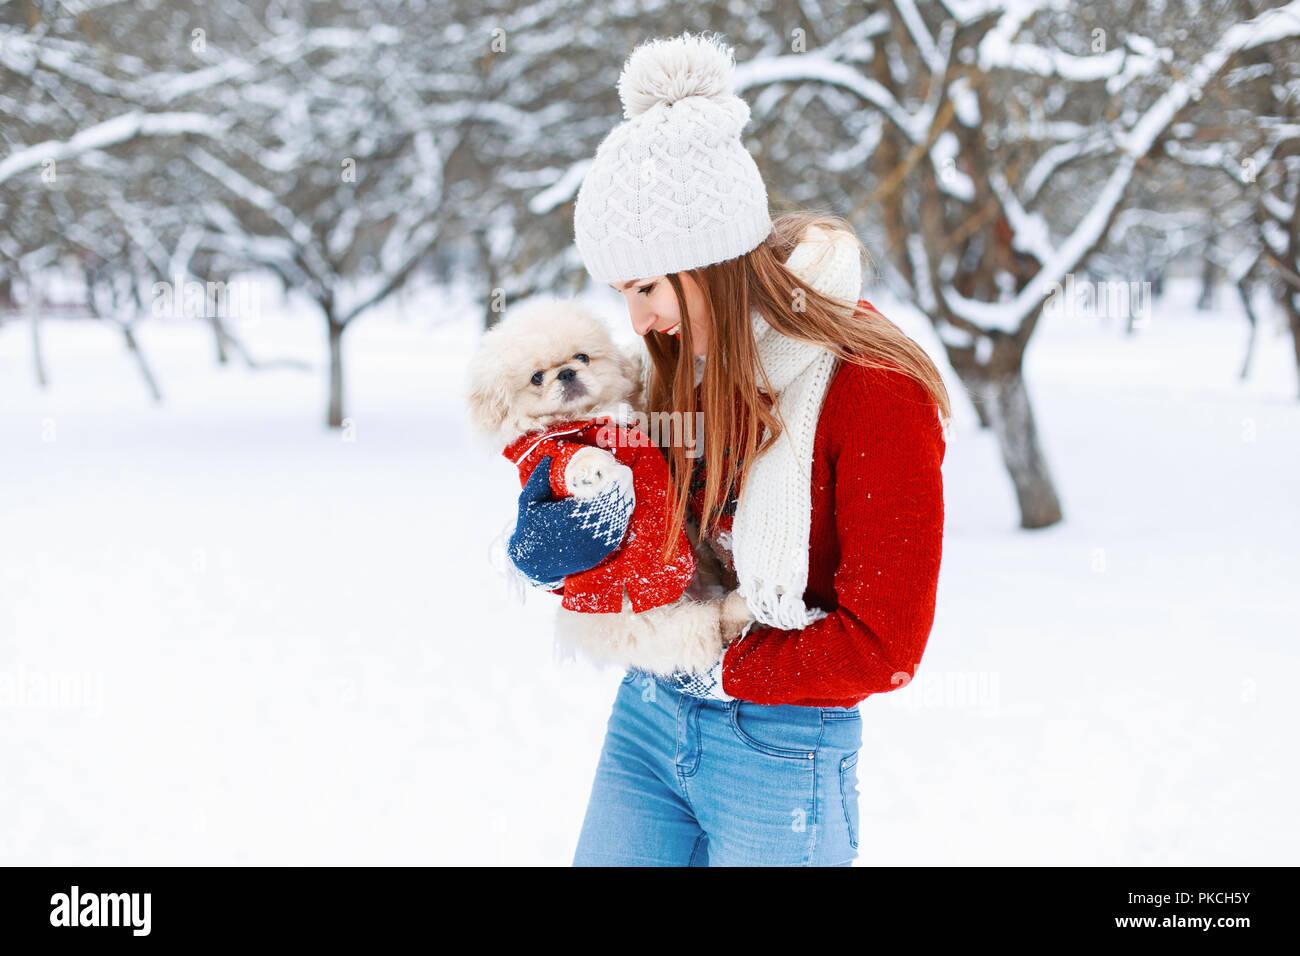 a4a00fa137d3 Giovane bella ragazza in un caldo abbigliamento invernale gioca con un  cucciolo nelle sue braccia nel parco.